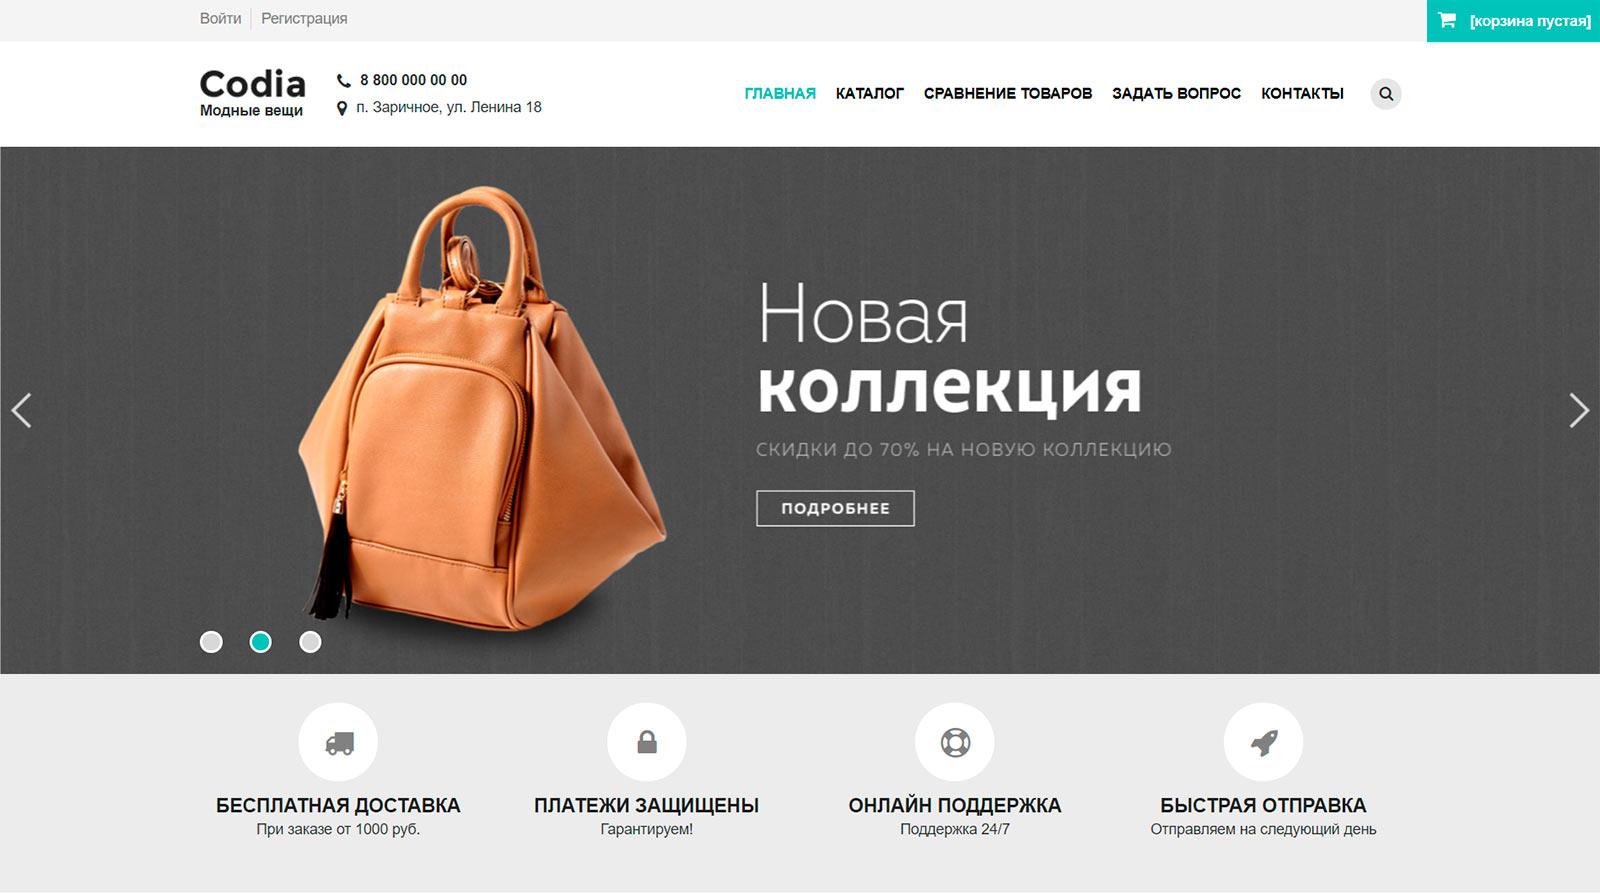 343740def Готовый интернет магазин сумок, головных уборов и одежды